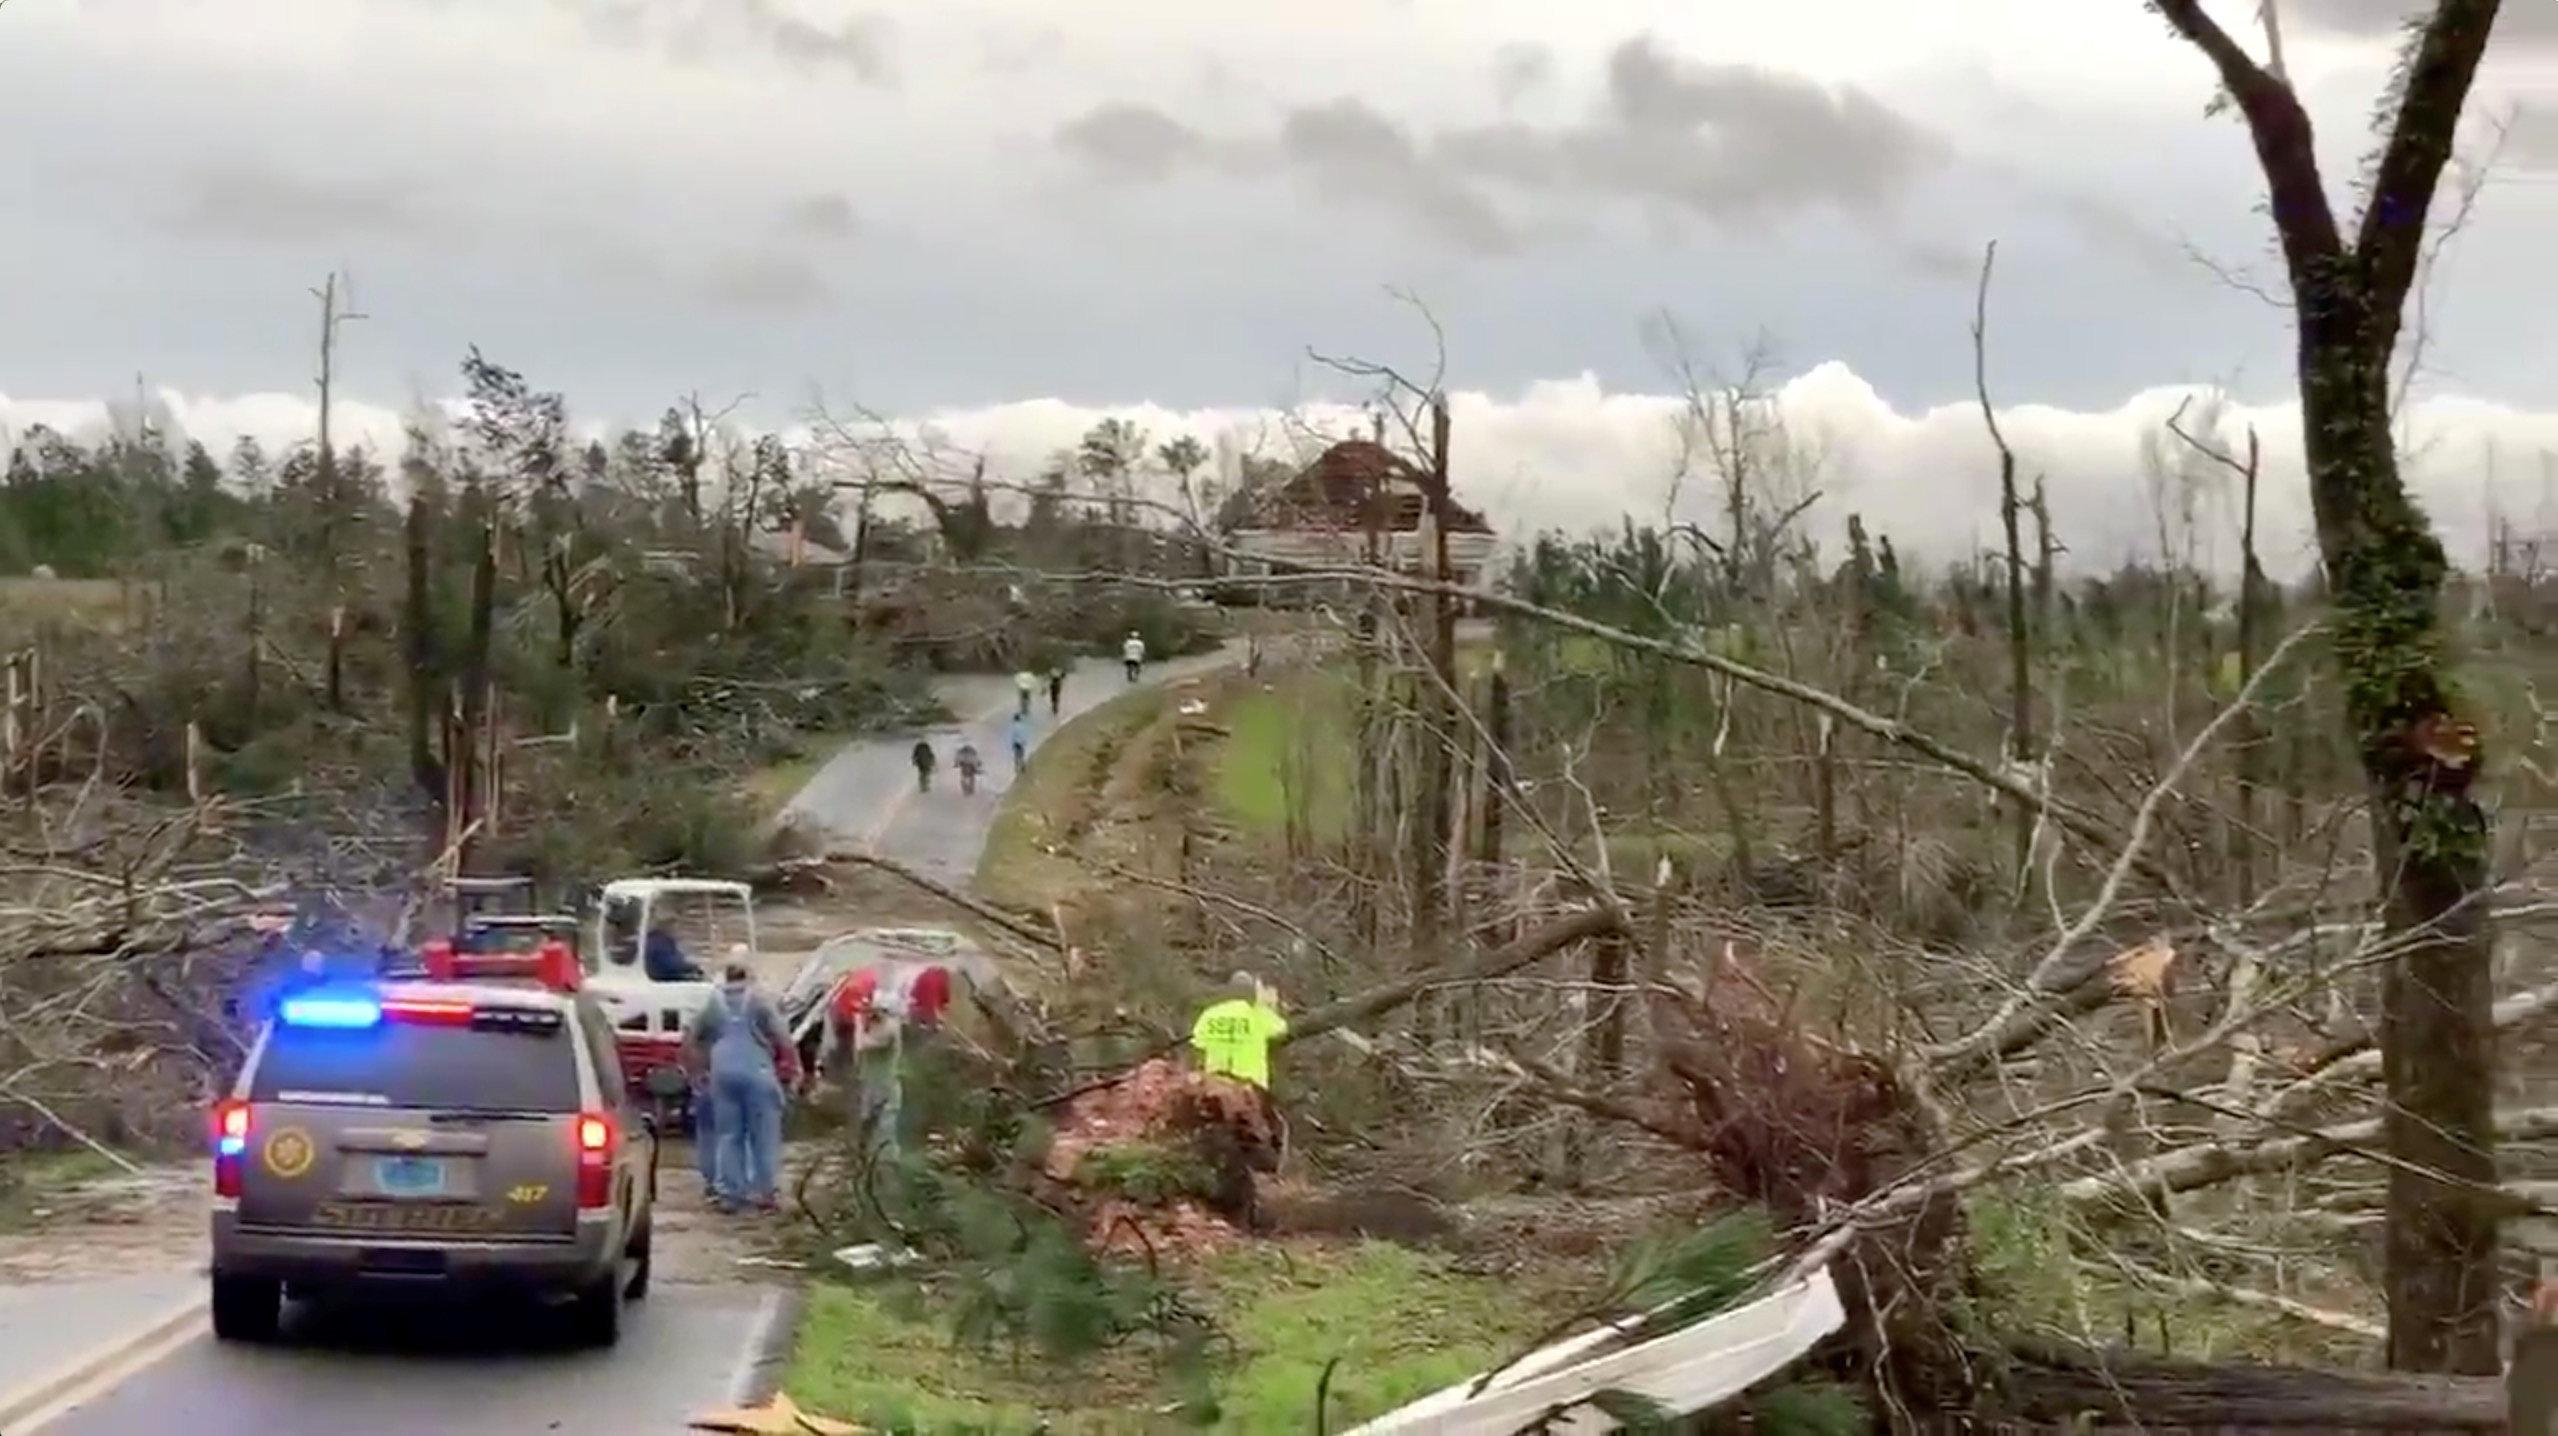 People clear fallen trees and debris on a road following tornadoes in Beauregard.